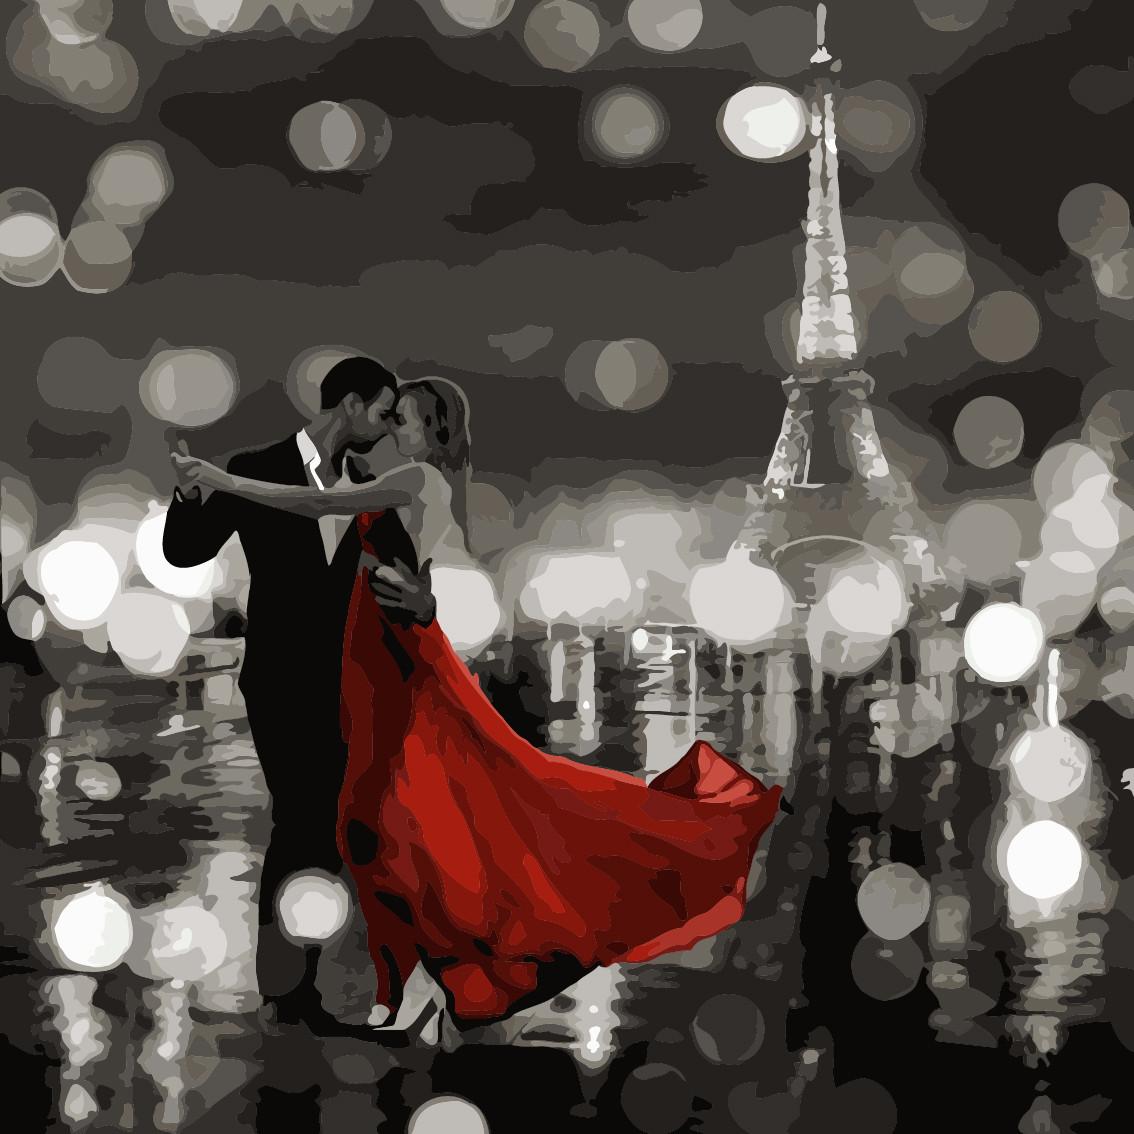 Картина по номерам Ночное танго 40 х 40 см (AS0491)